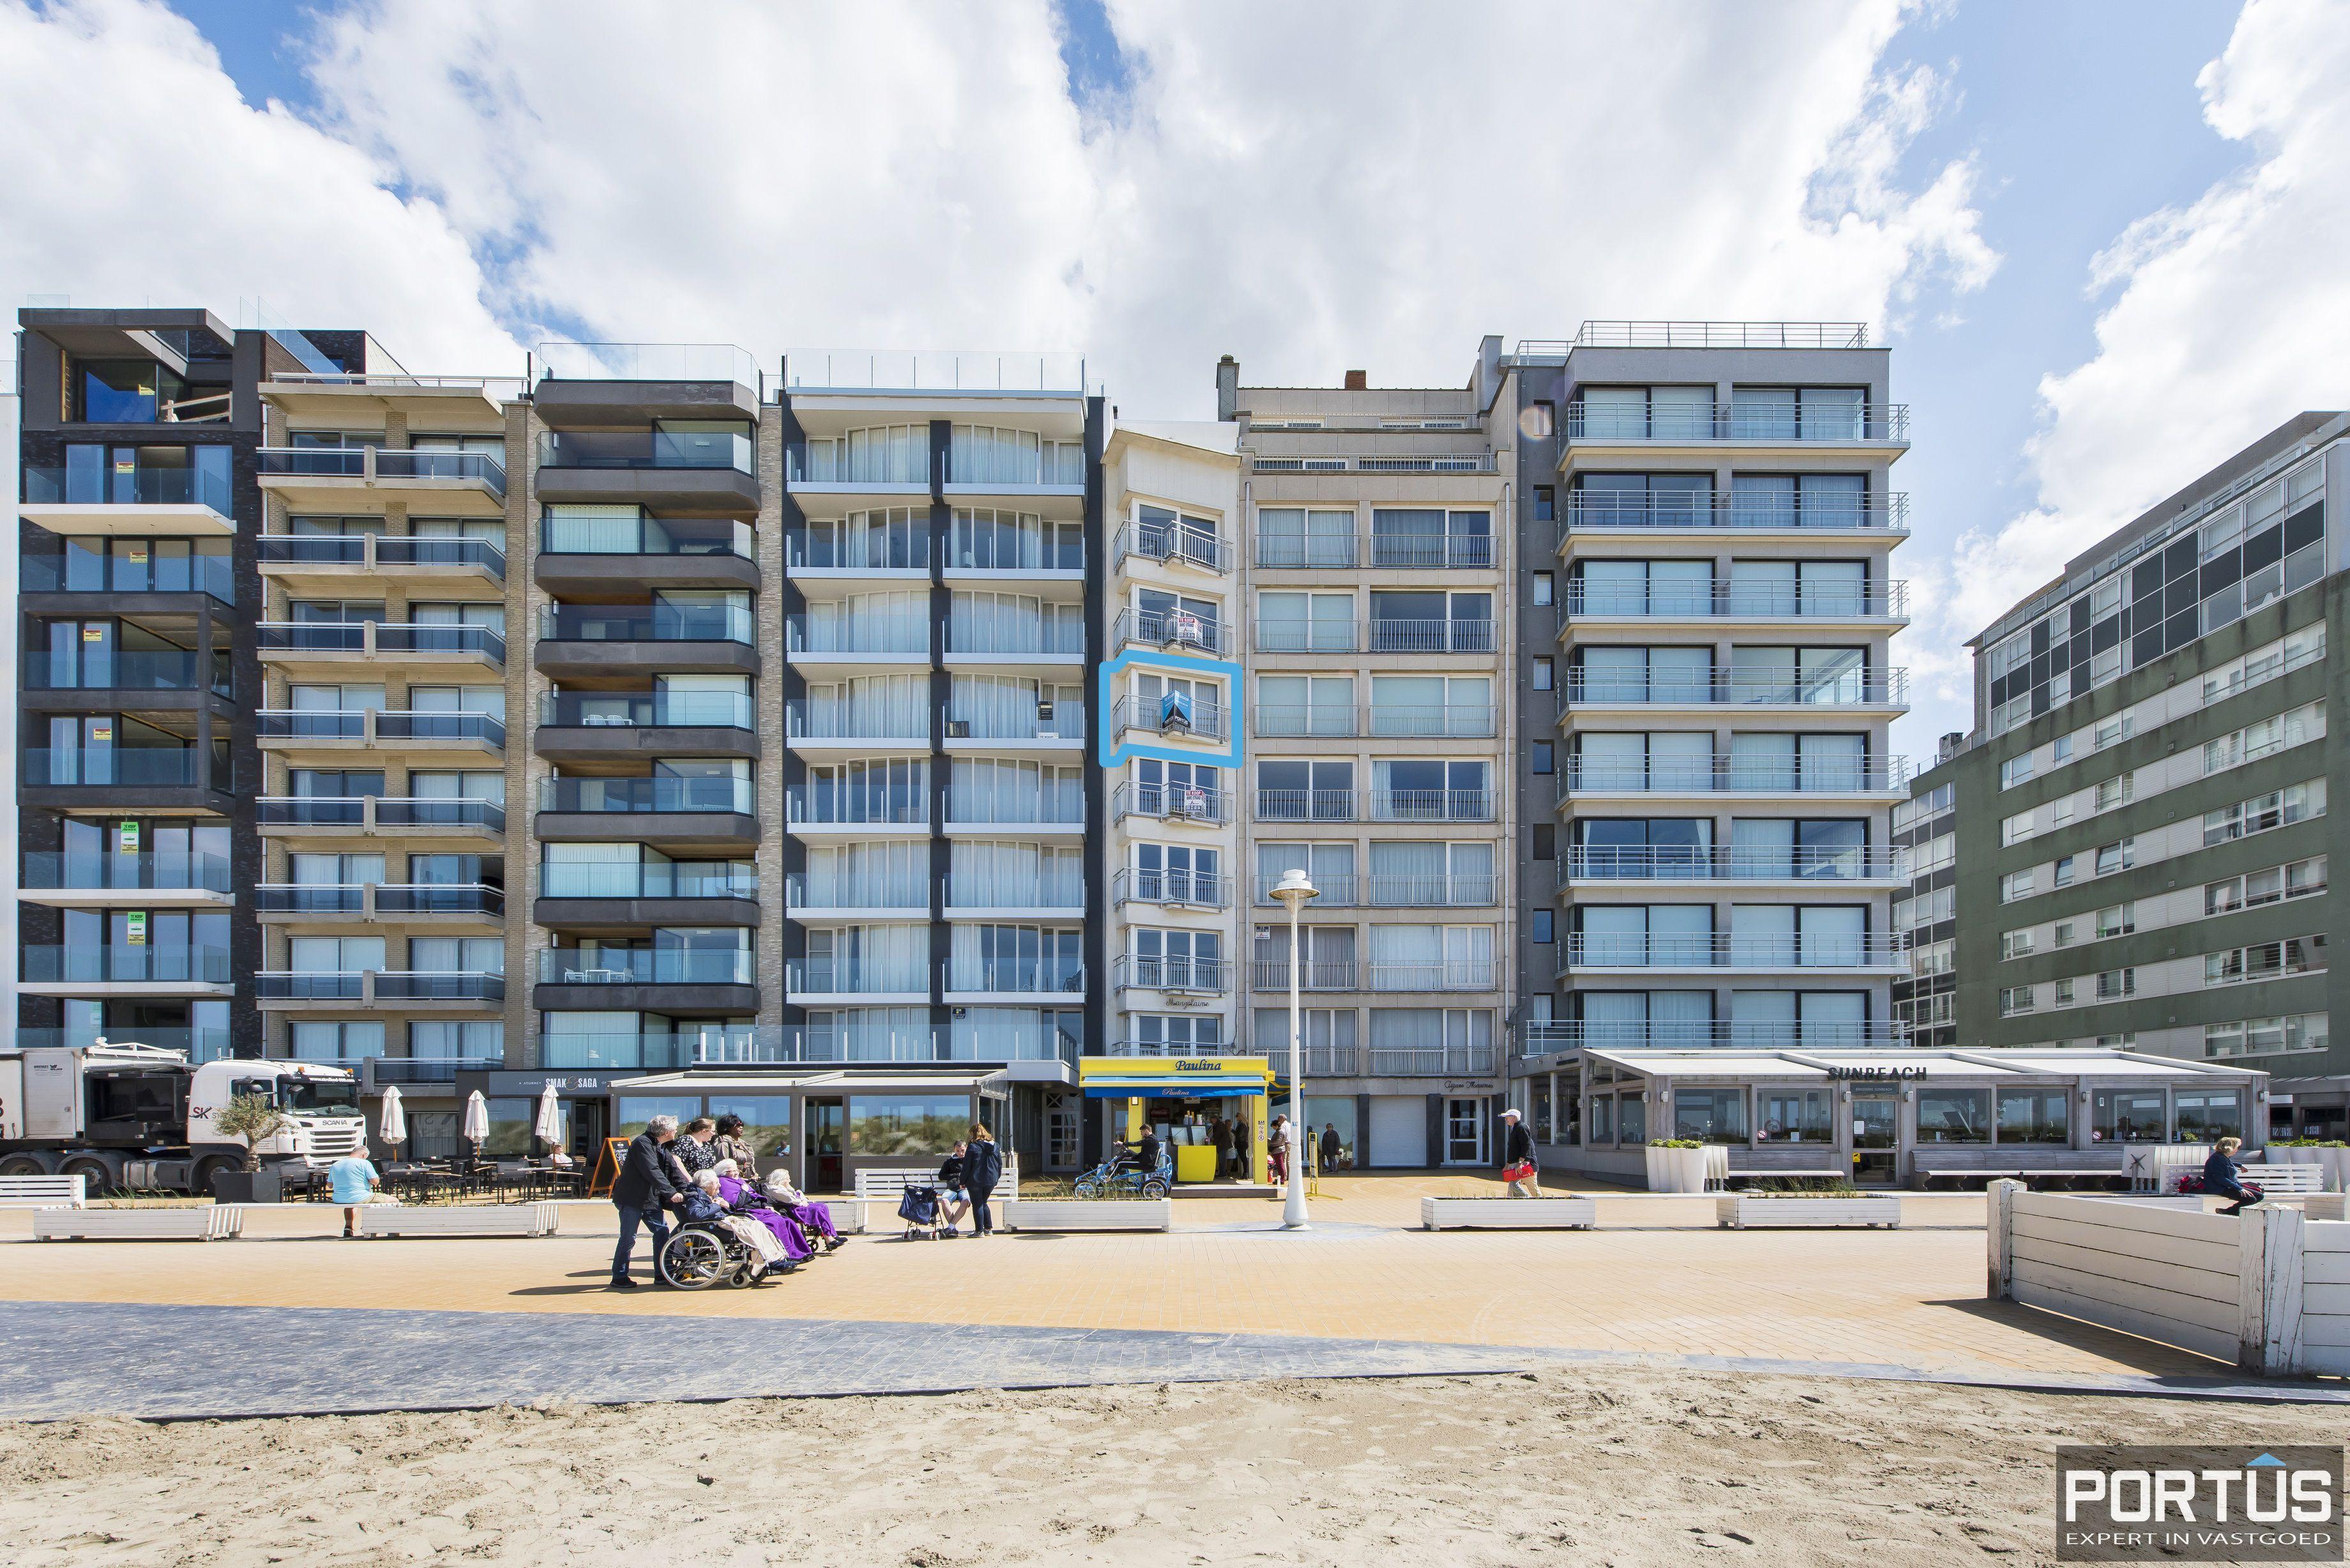 Appartement met 2 slaapkamers en frontaal zeezicht te koop Nieuwpoort - 9785